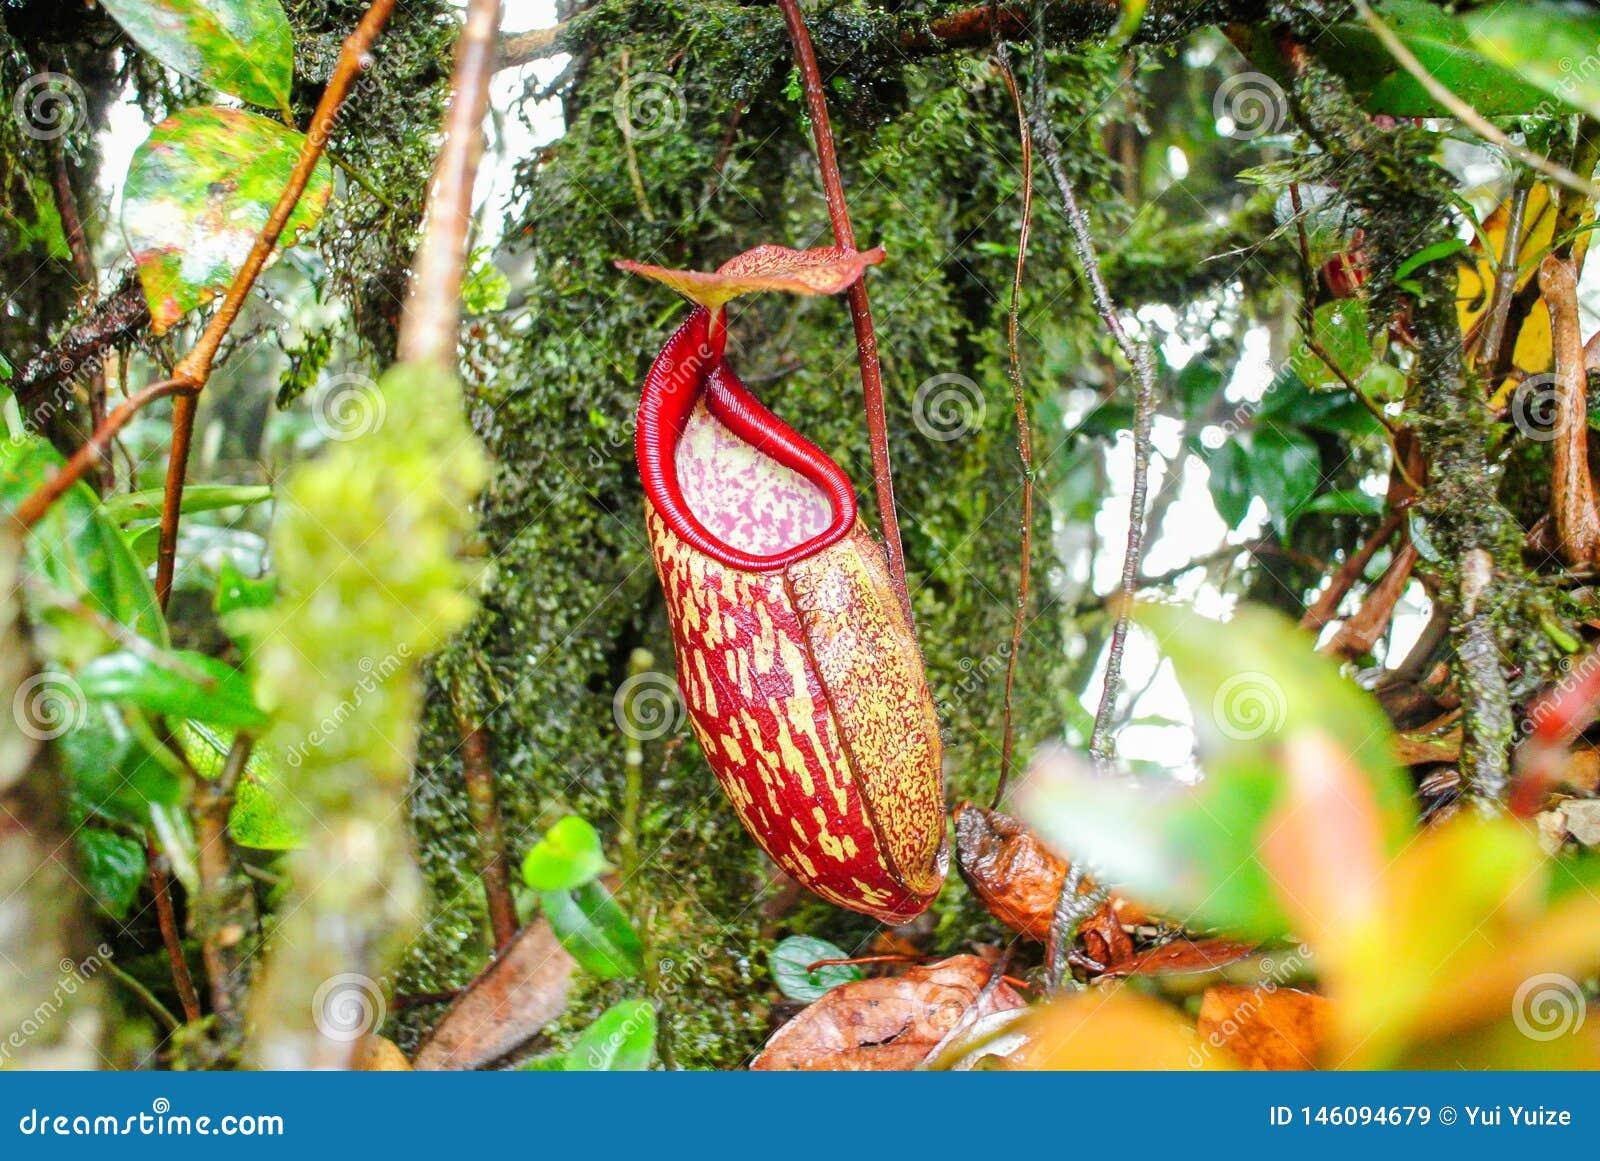 Άγριο Nepenthes, τροπικές εγκαταστάσεις σταμνών, κόκκινα φλυτζάνια πιθήκων